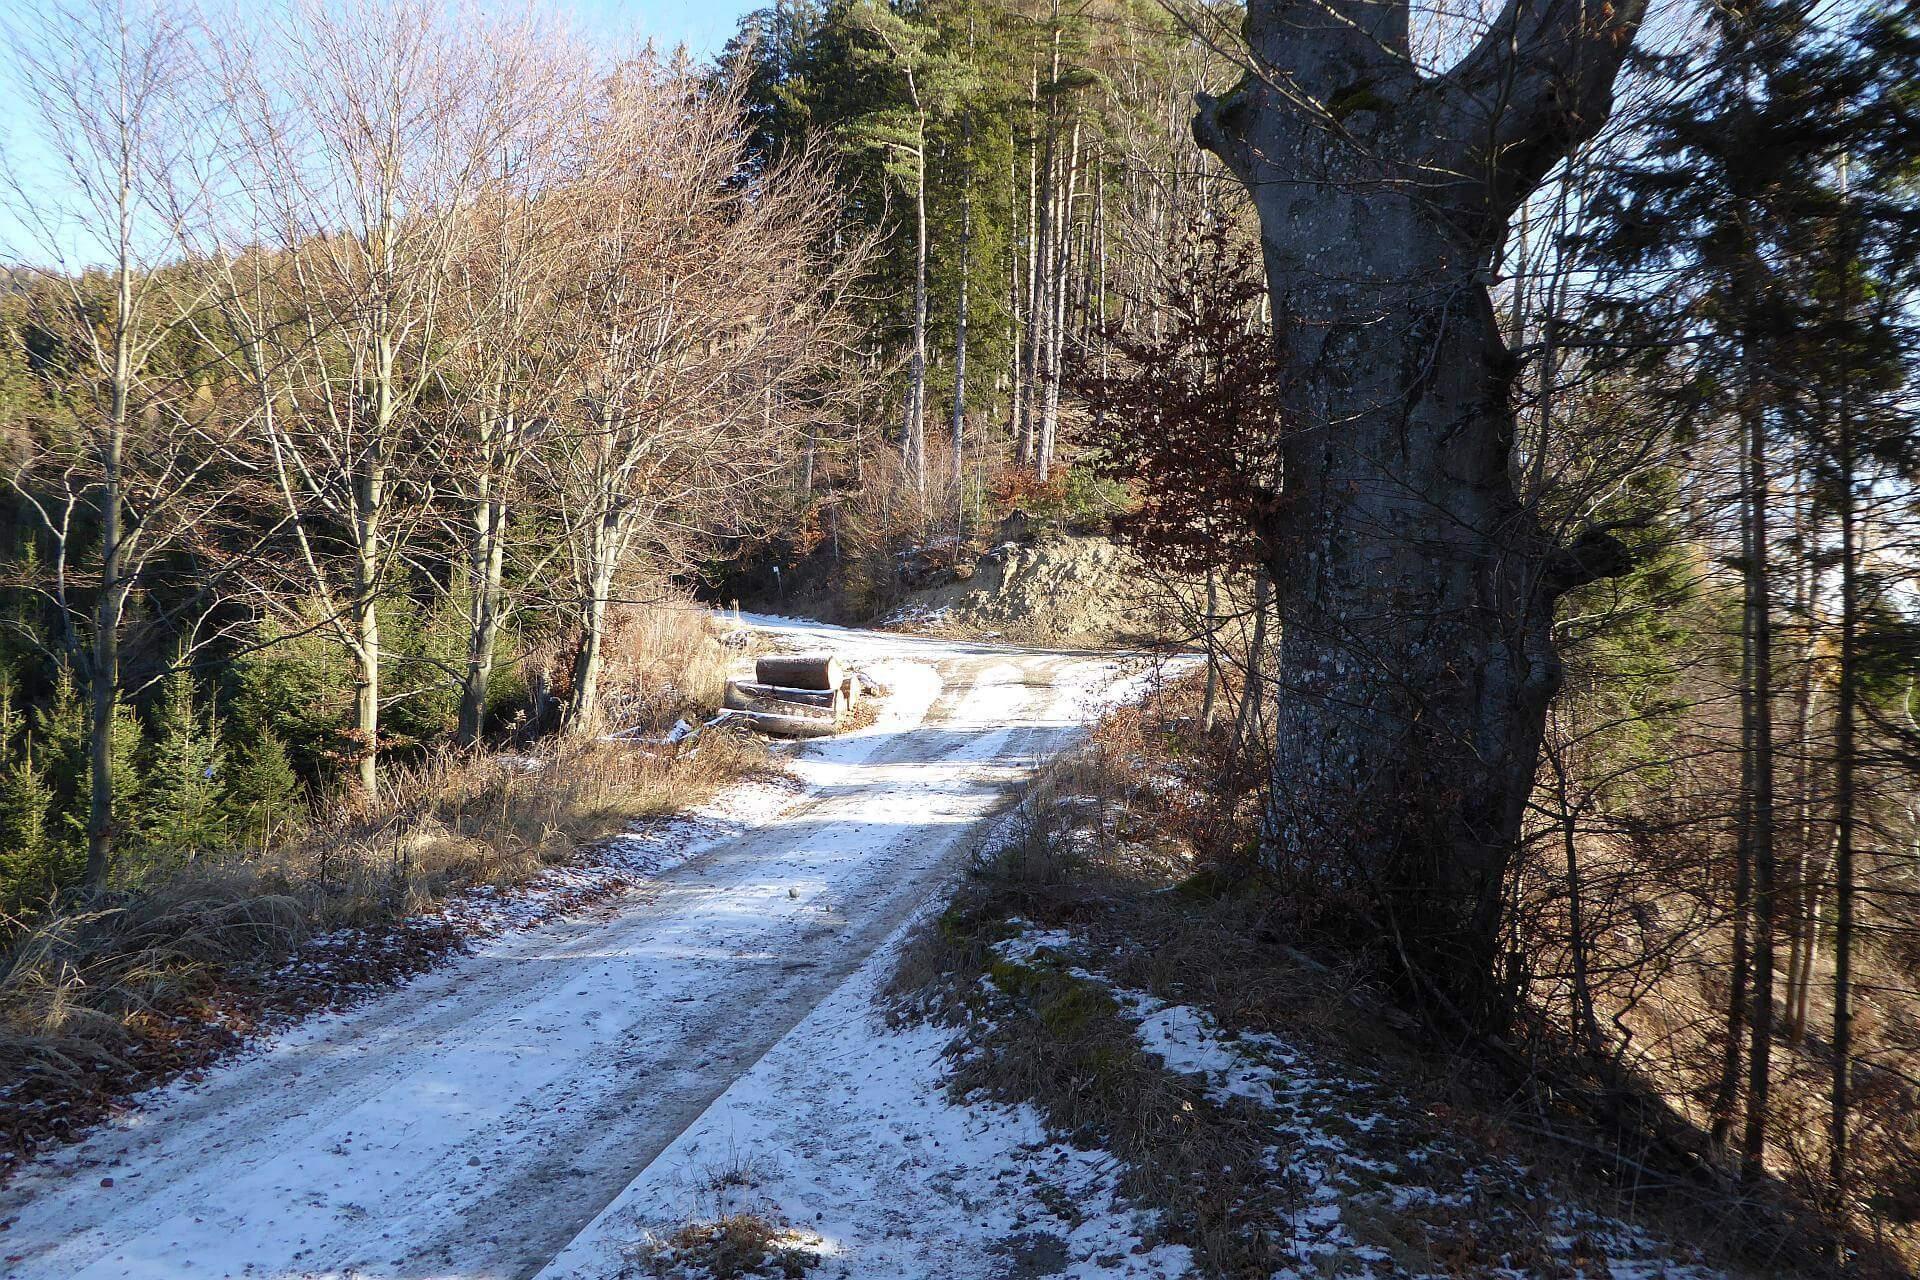 """Der Wanderweg erreicht an dieser Stelle den Sattel. Der markierte Weg führt am Forstweg nach links weg. Der unmarkierte Steig führt direkt, """"zwischen"""" den beiden Forststraßen am Sattel weiter hinauf."""